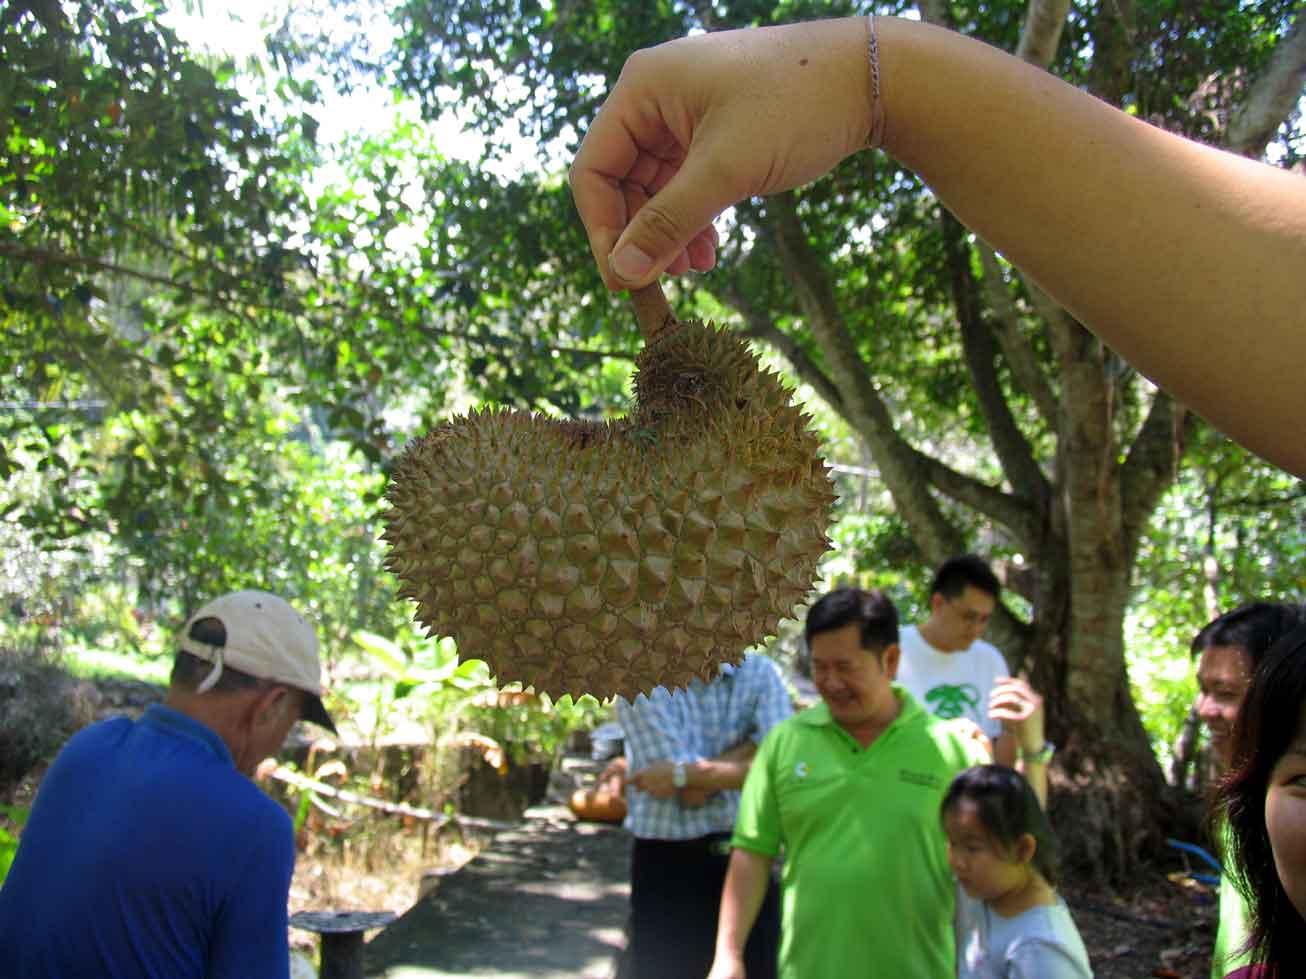 Unique shaped durian